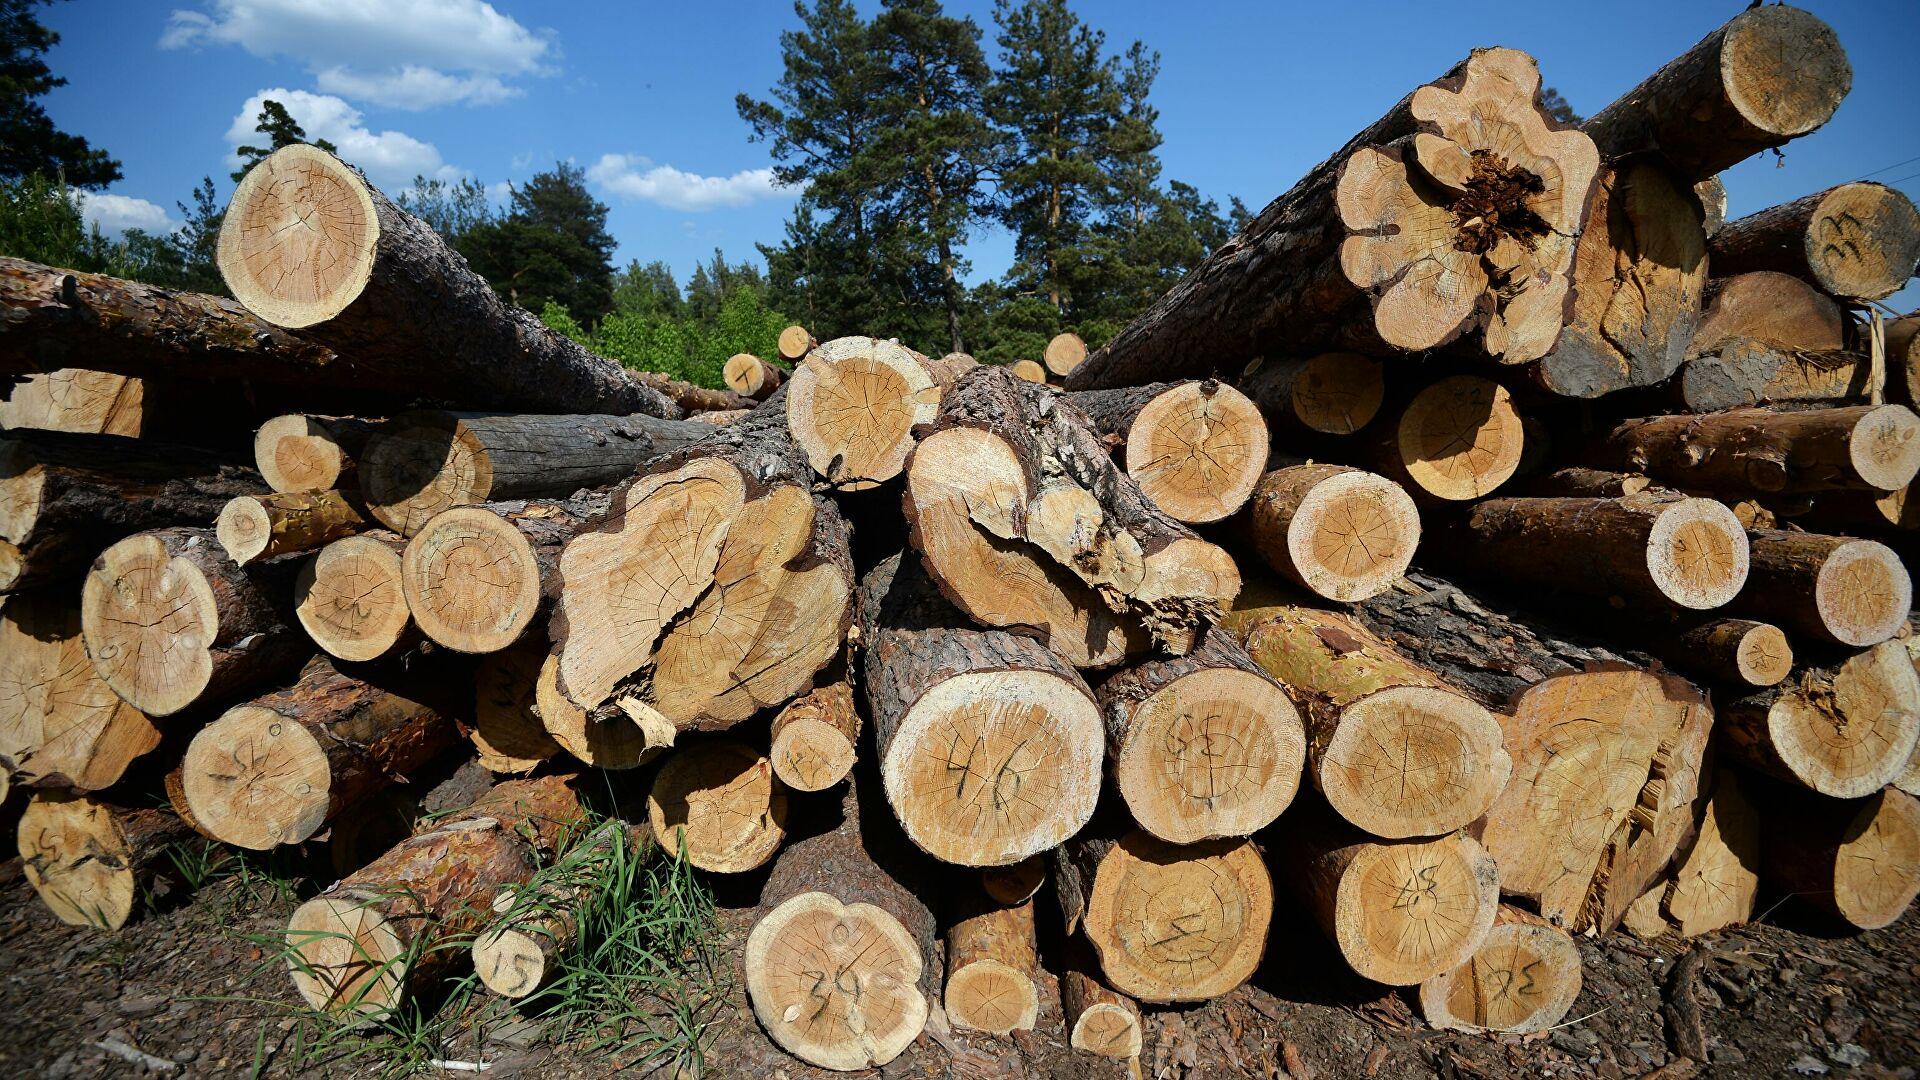 Ученые нашли экономичный способ переработки опилок на лесозаготовках